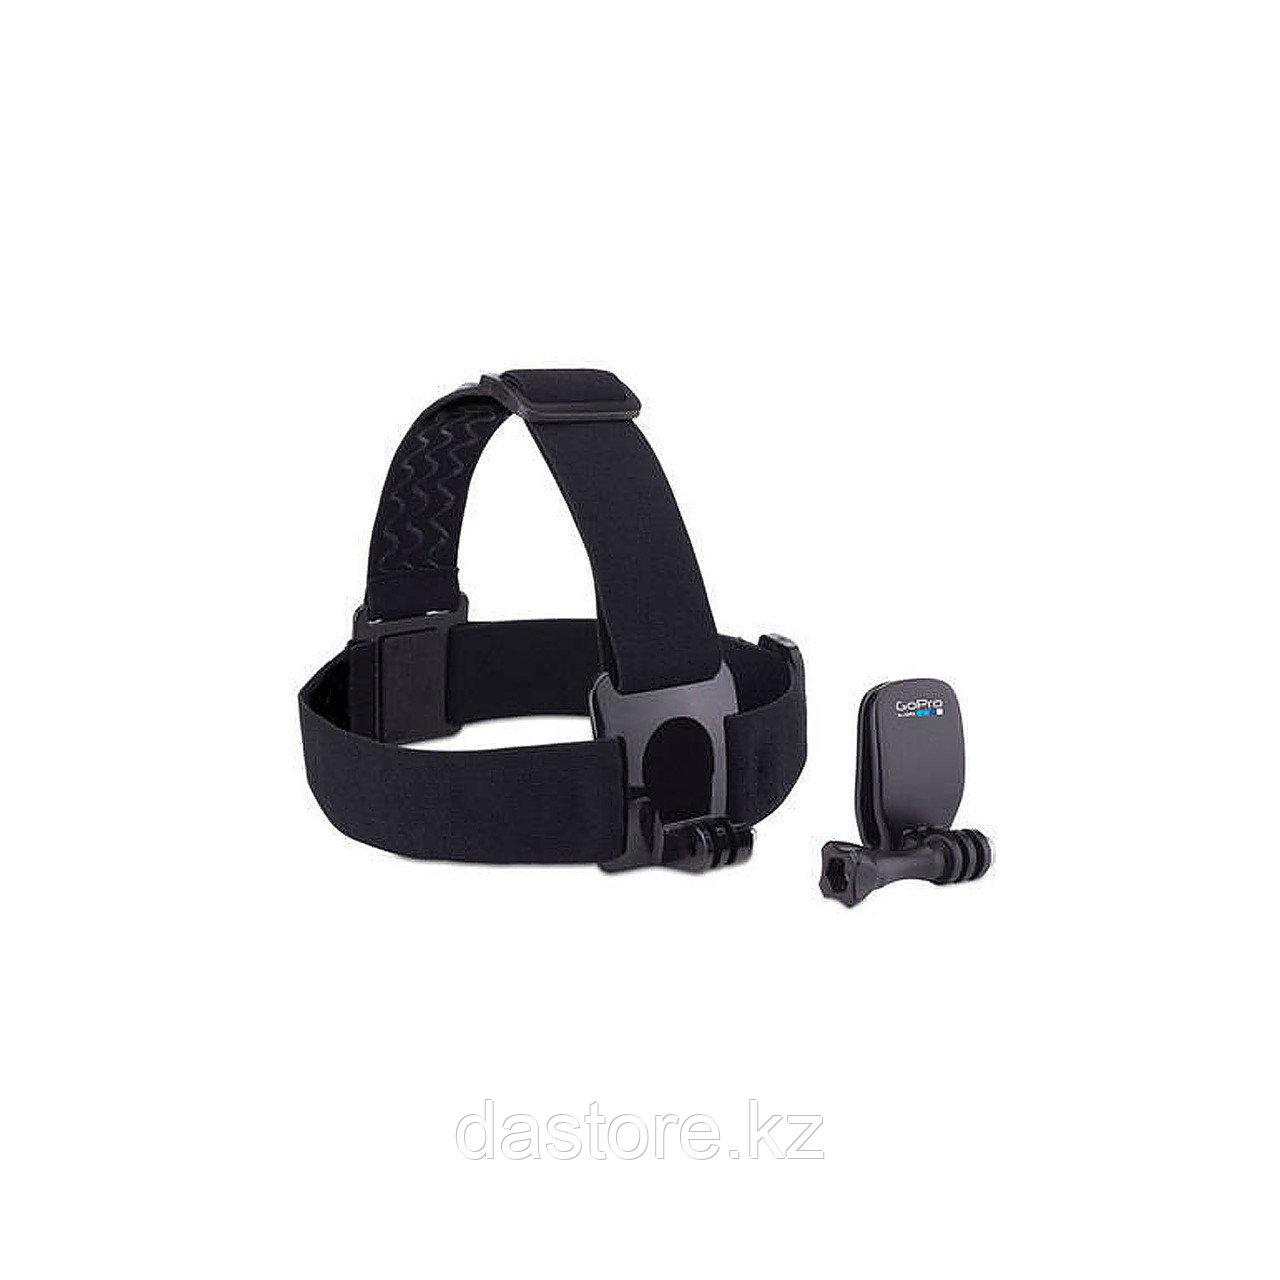 GoPro крепление на голову (Head Strap + QuickClip)